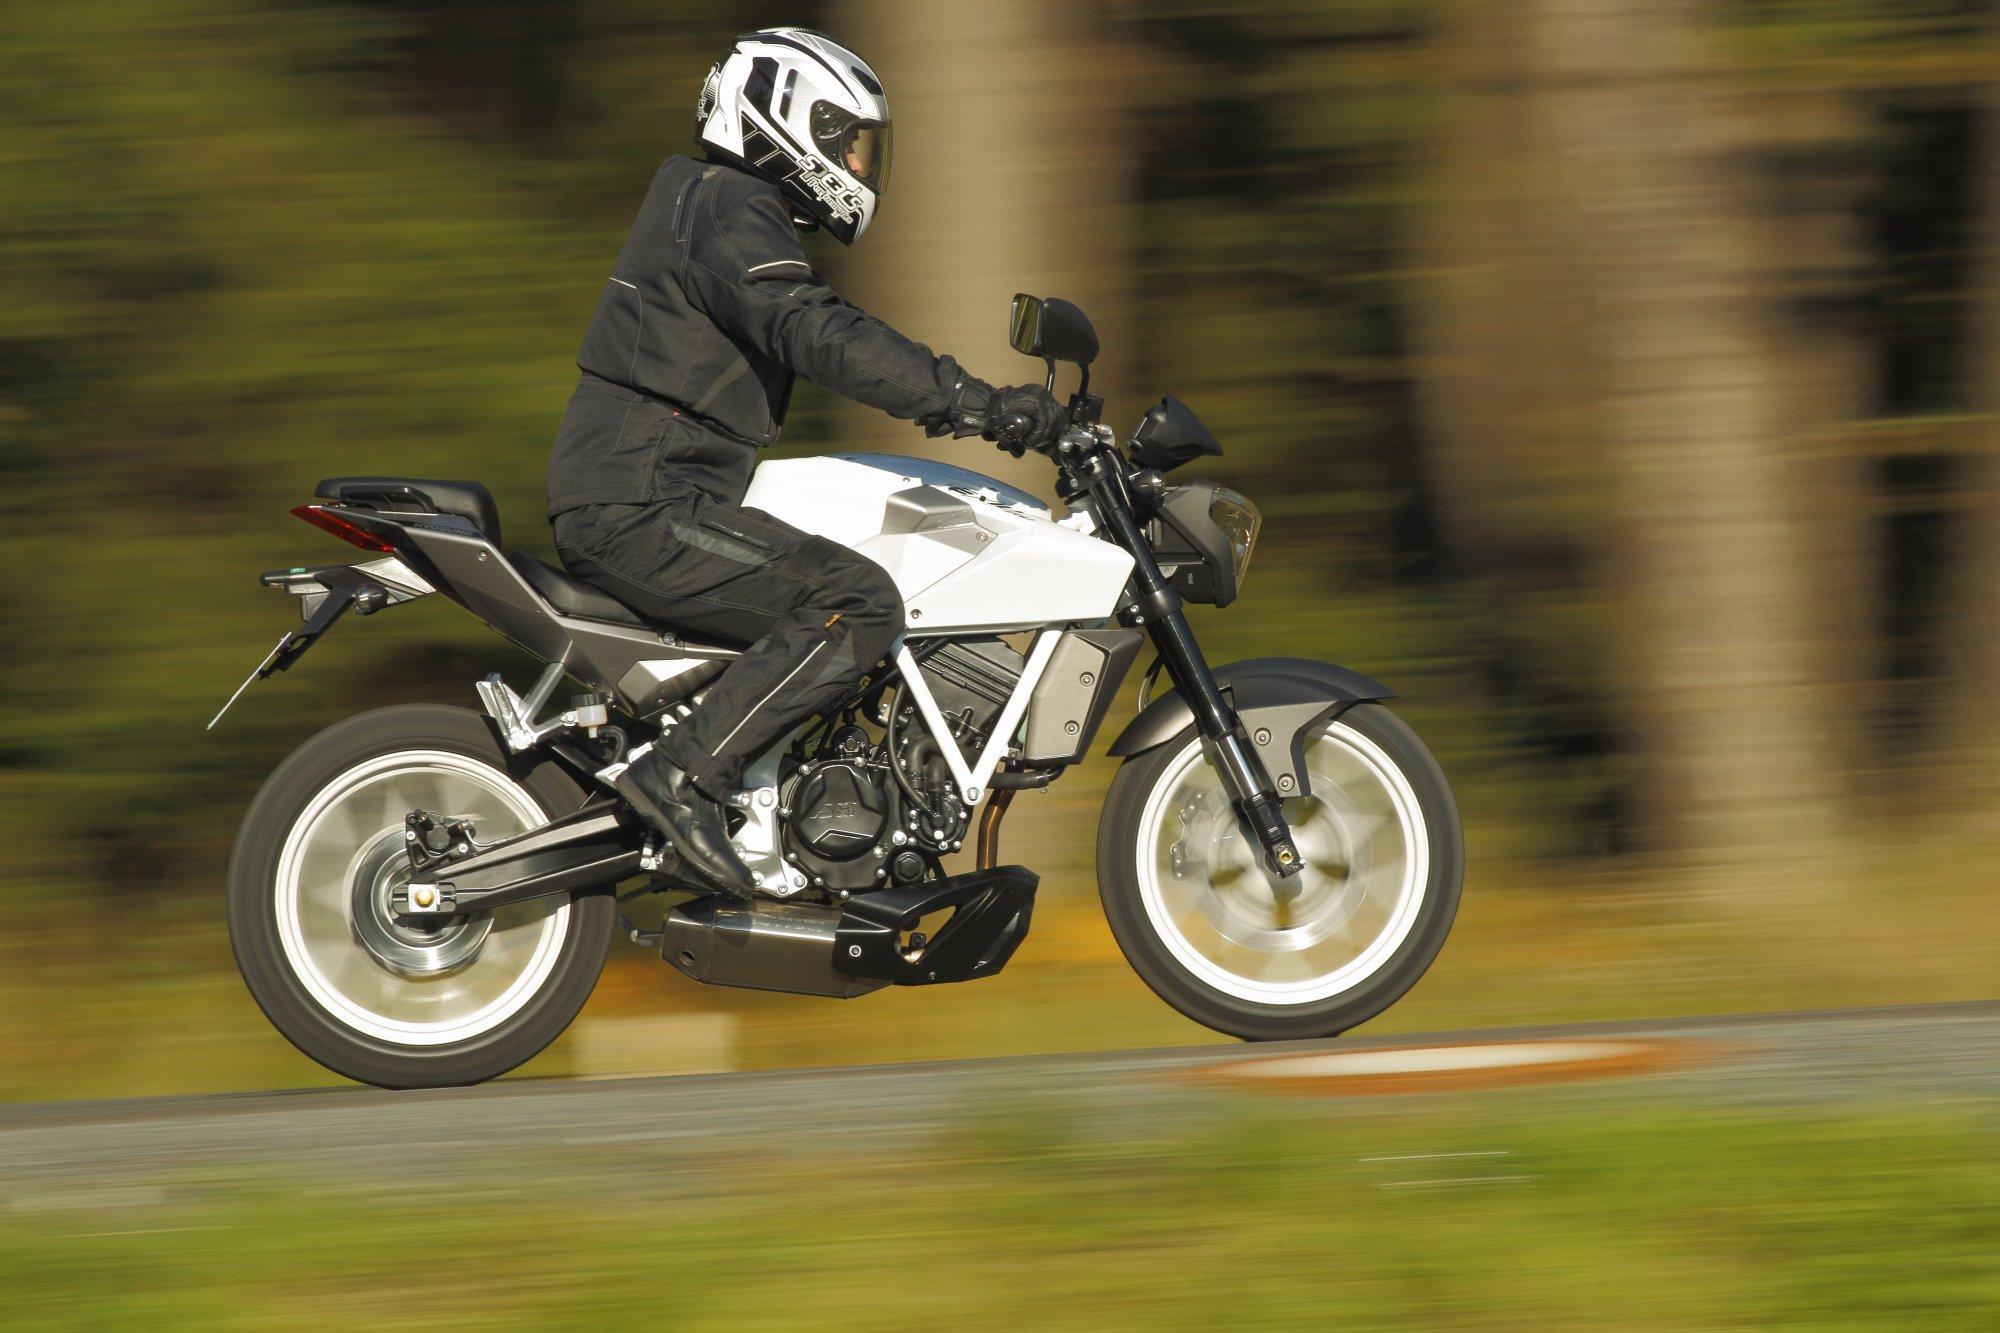 Hyosung GT 125 Naked Baujahr 2009 Bilder und technische Daten